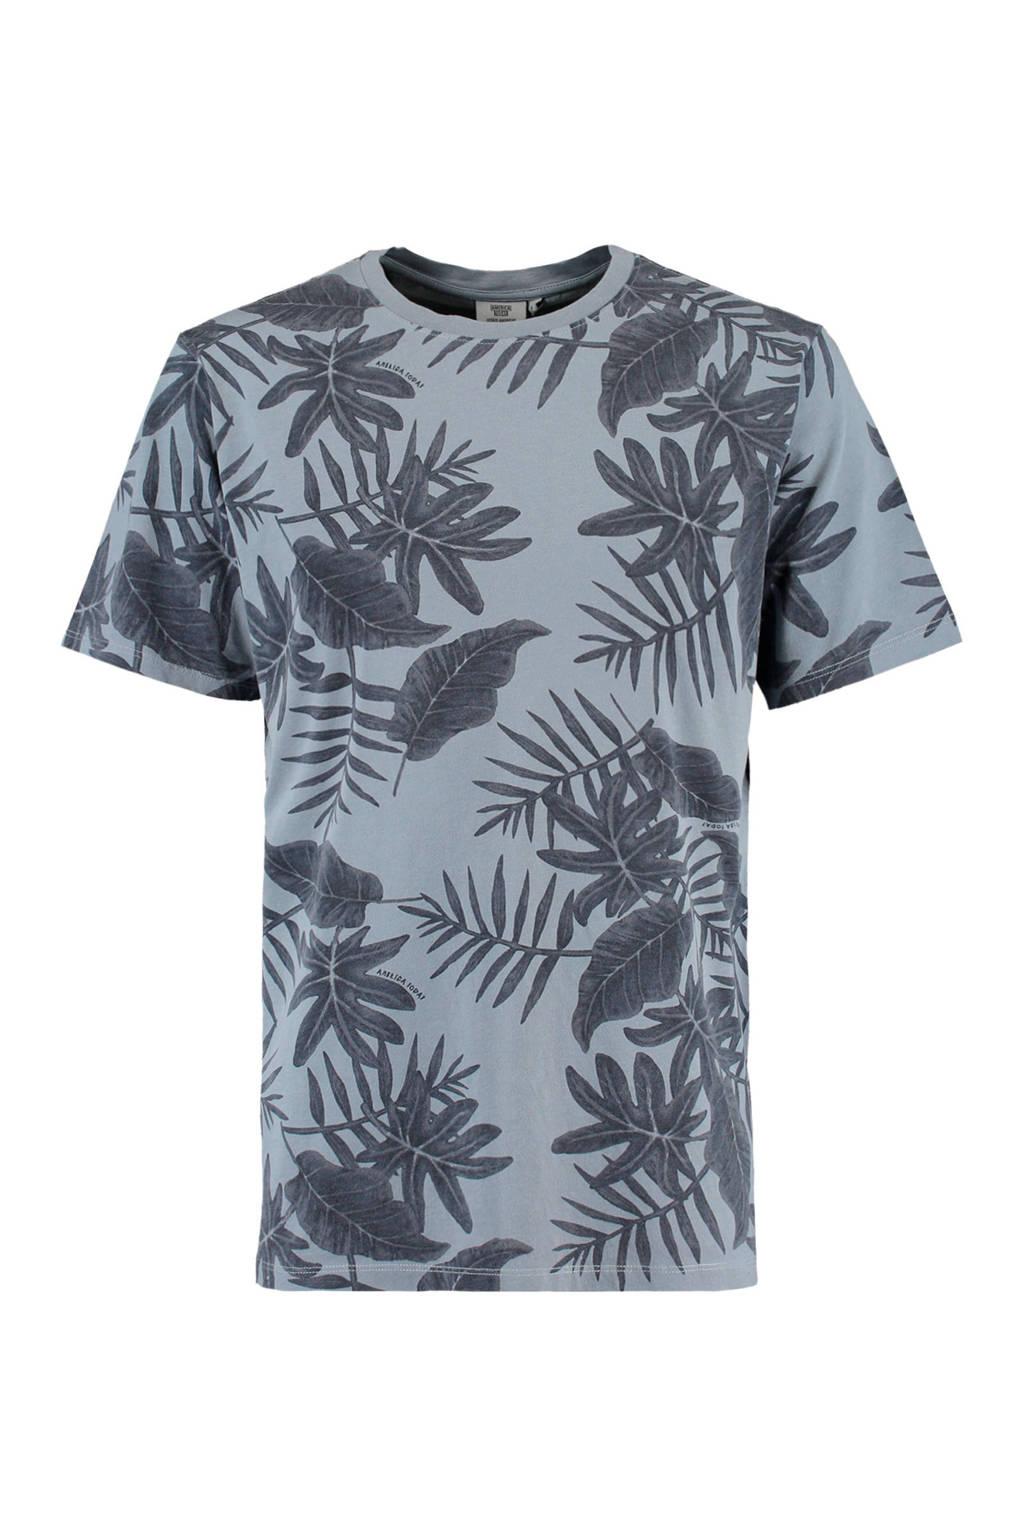 America Today T-shirt met bladprint grijsblauw, Grijsblauw